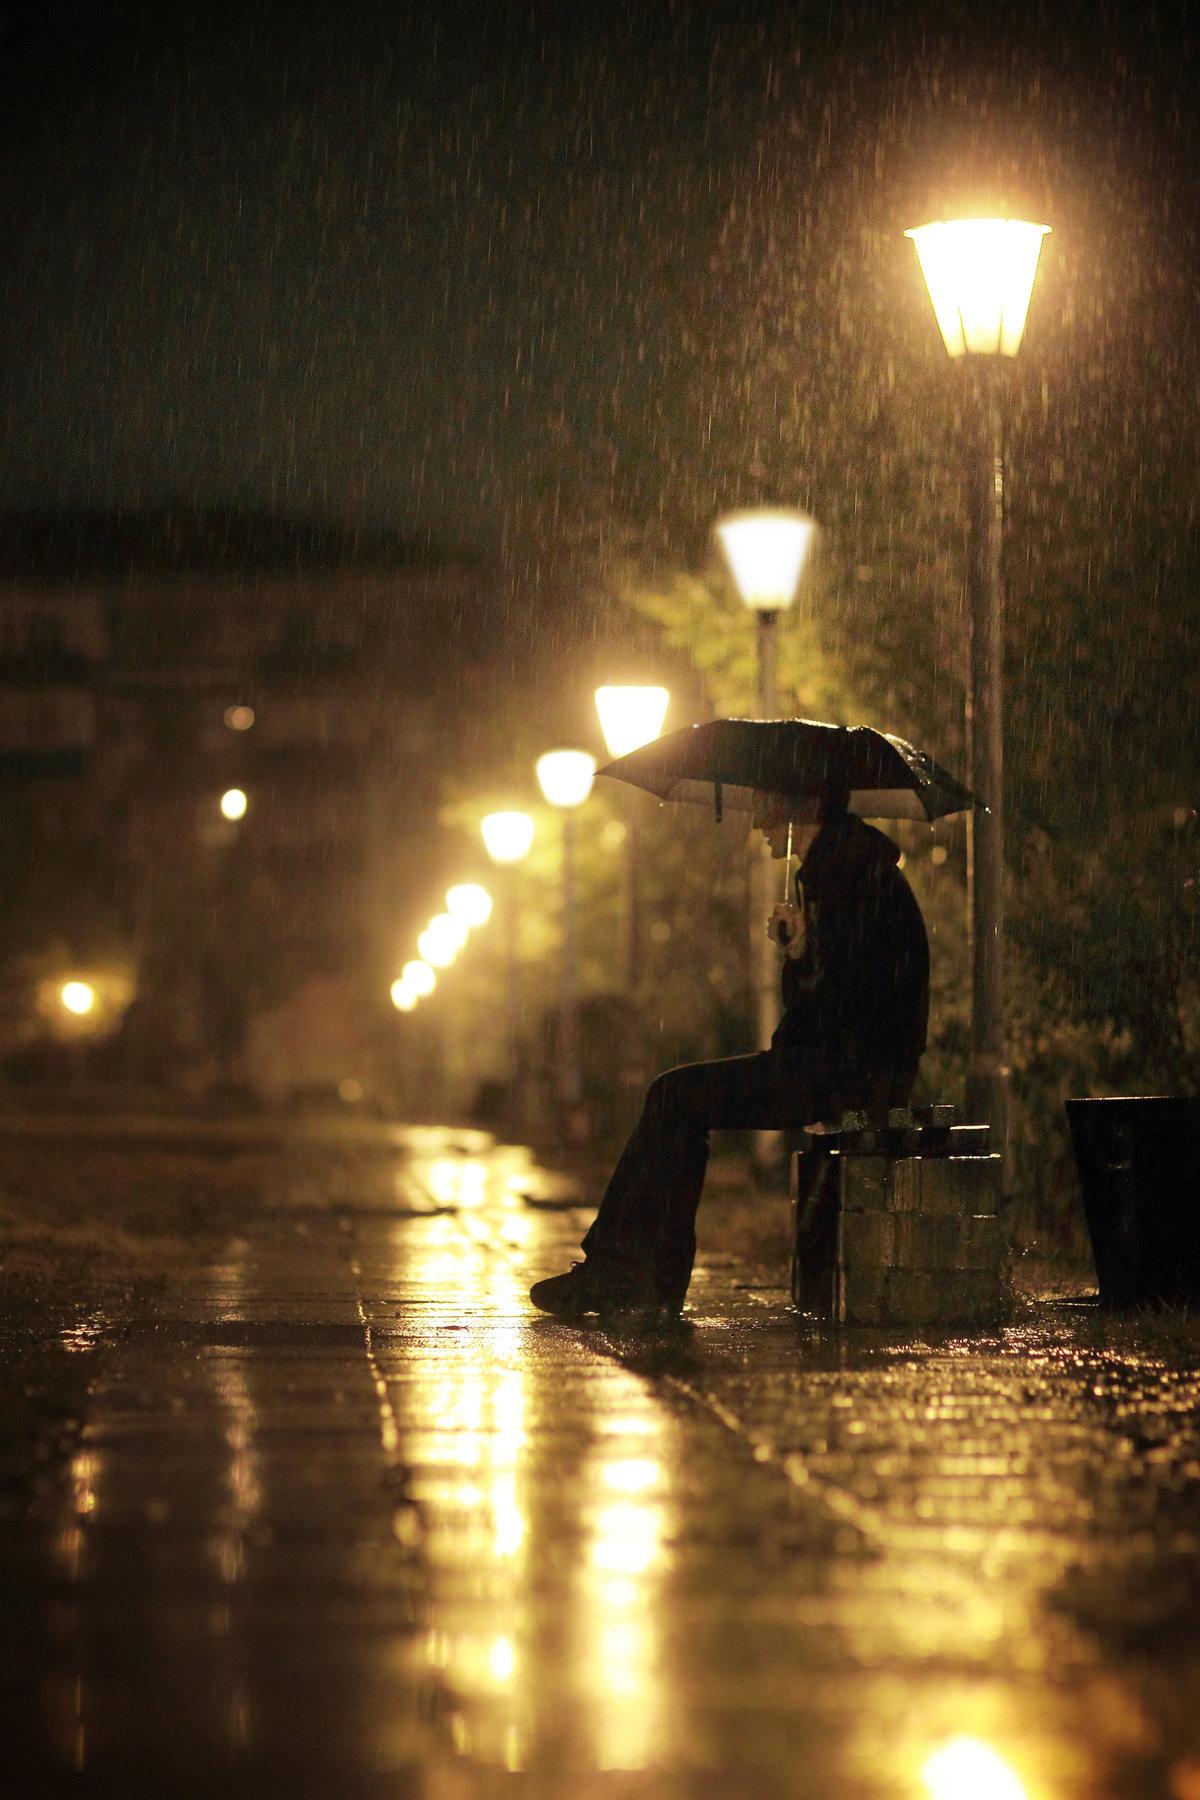 фото парень идет ночью в дождь проход одном направлении